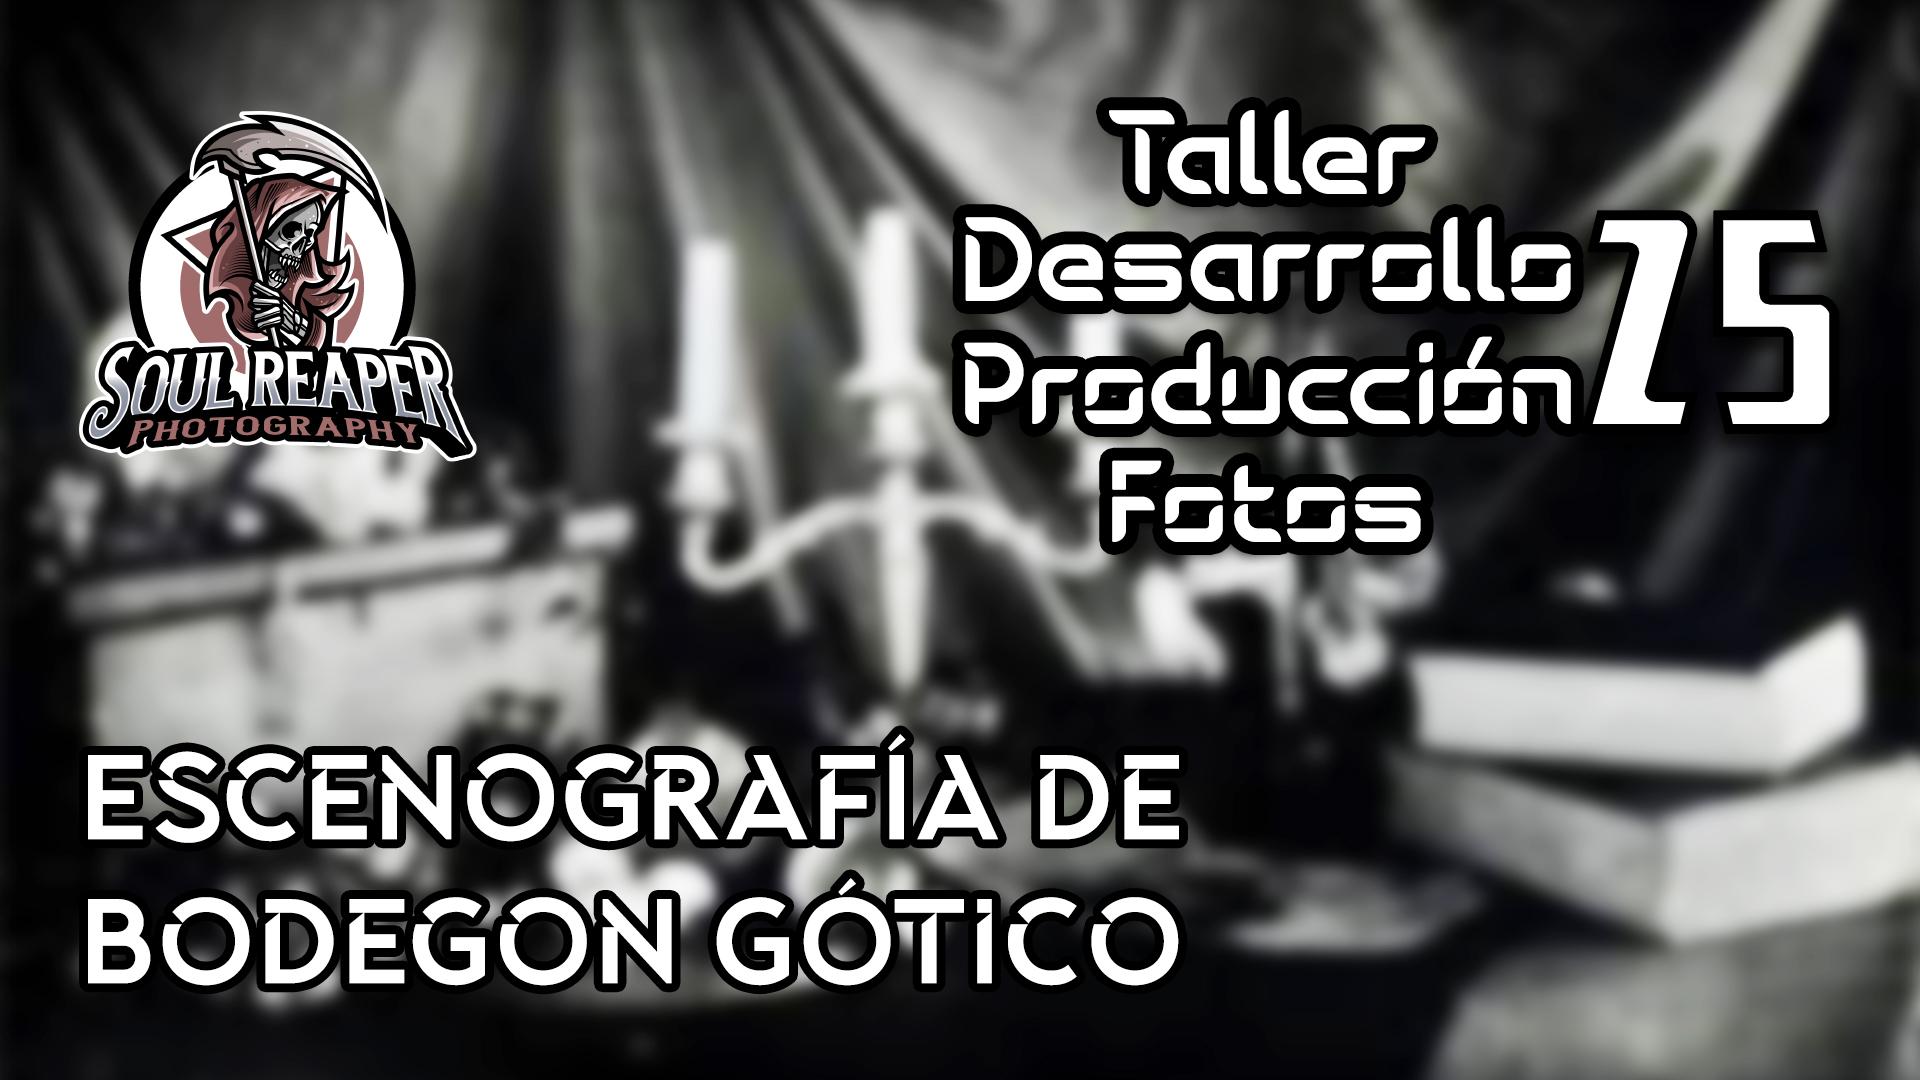 Escenografía de Bodegon Gótico | Soul Reaper Photography | TALLER | cap. 1x25